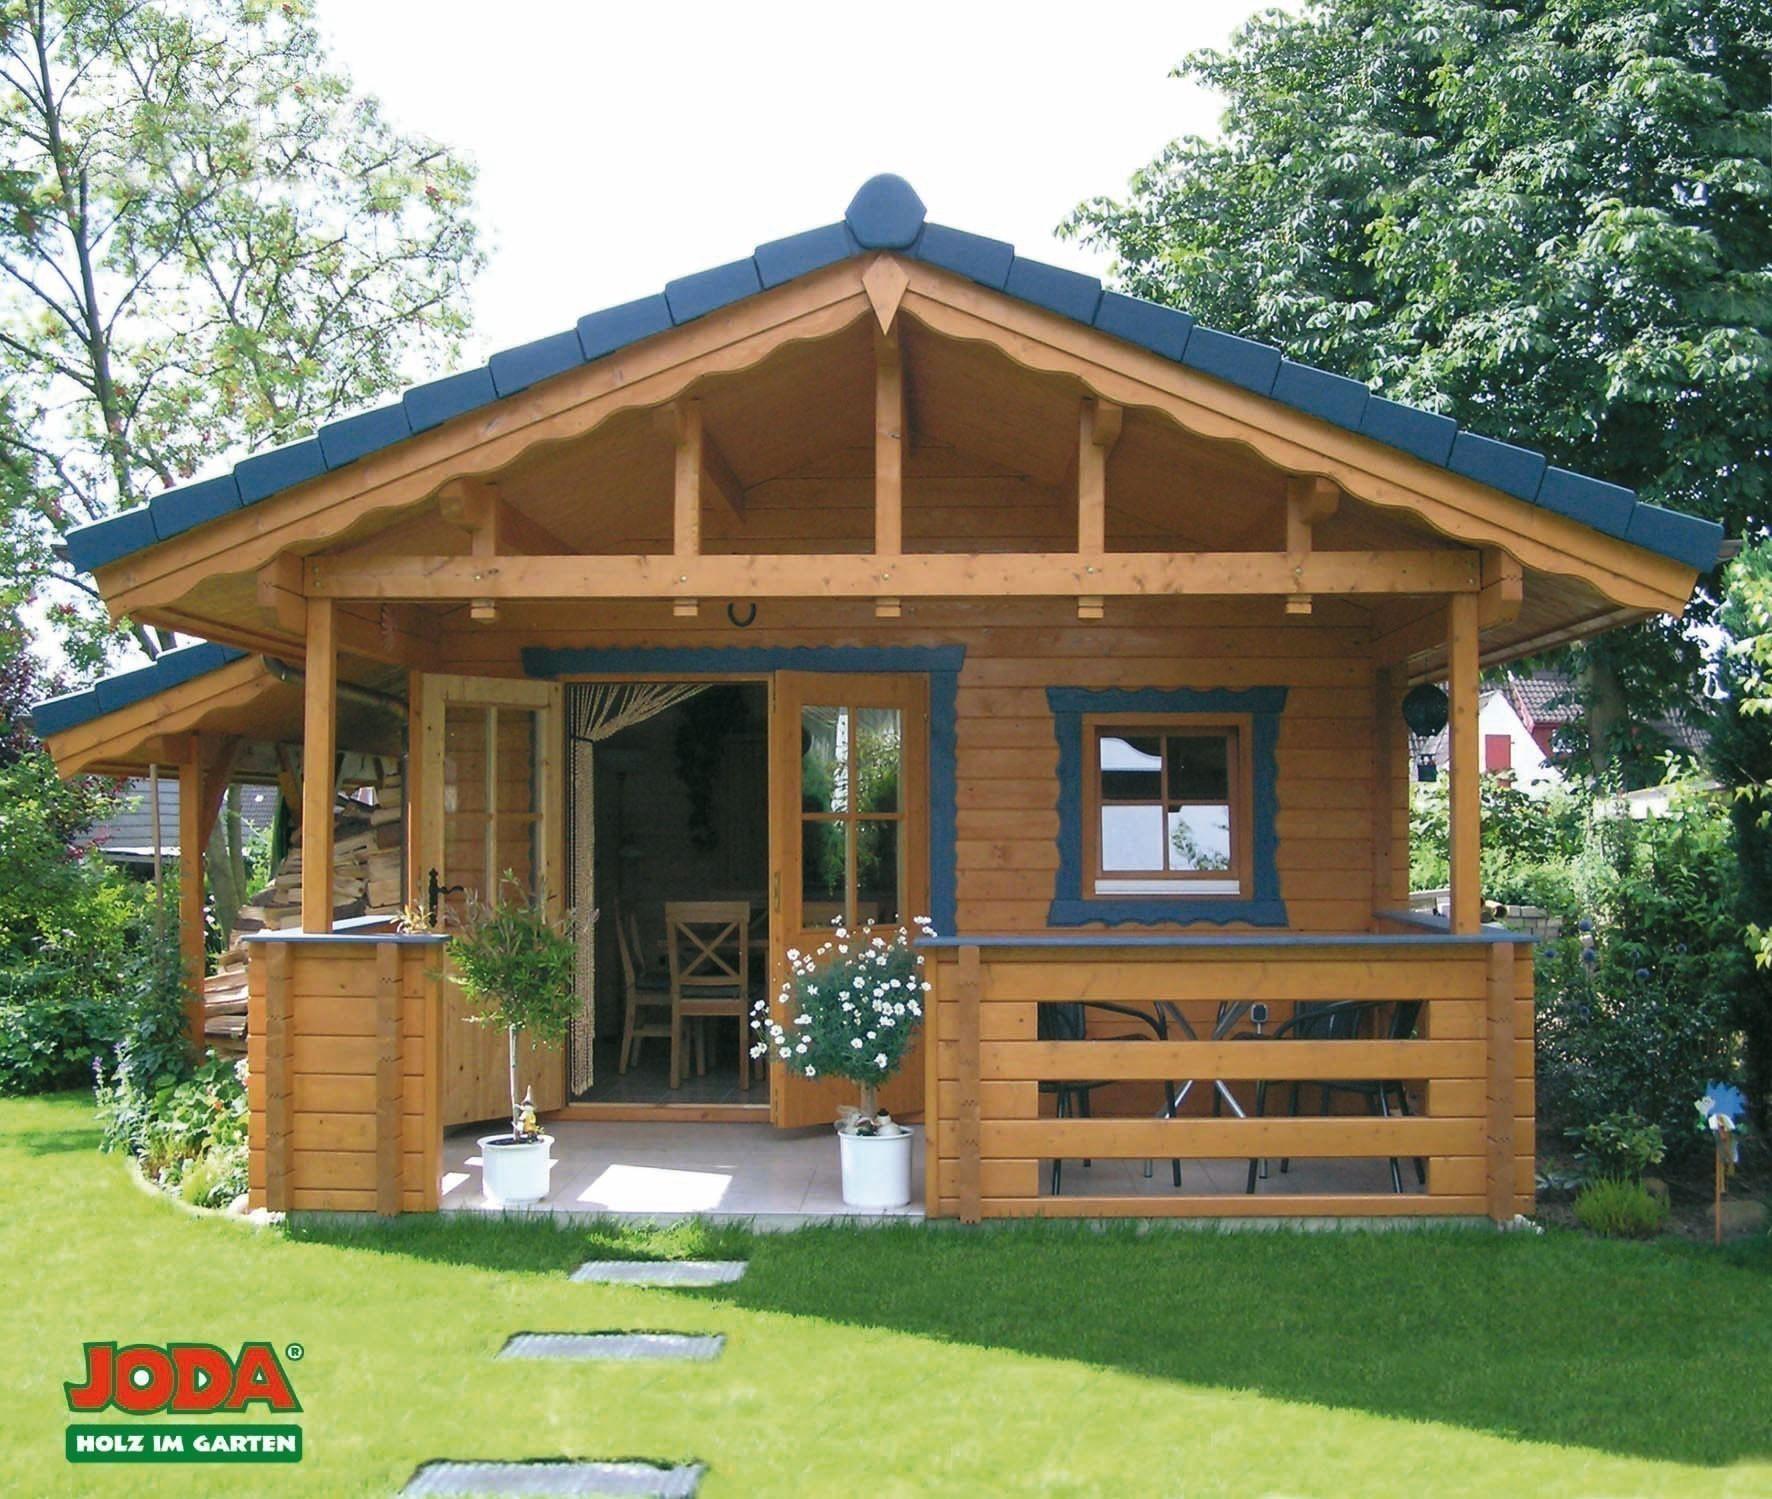 0088 Ferienhaus Haus Am See Lhvh Architekten: Wochenendhaus Am See. Share Ein Wochenendhaus Almh Tte